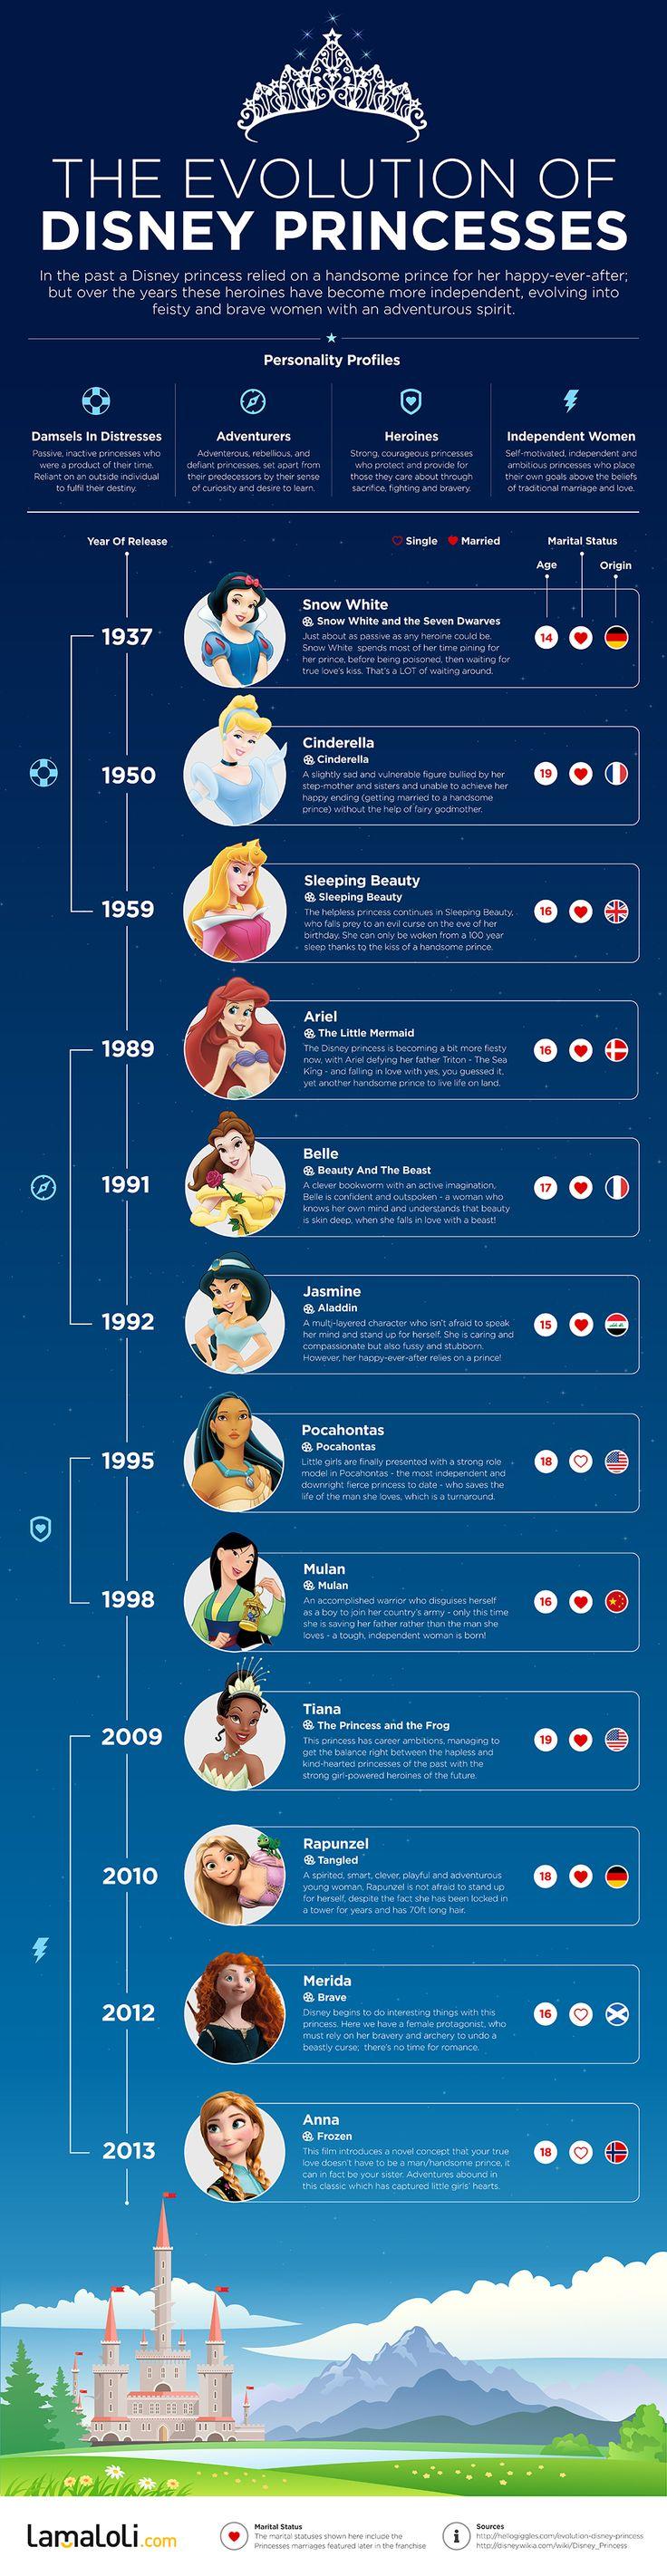 The Evolution of Disney Princesses